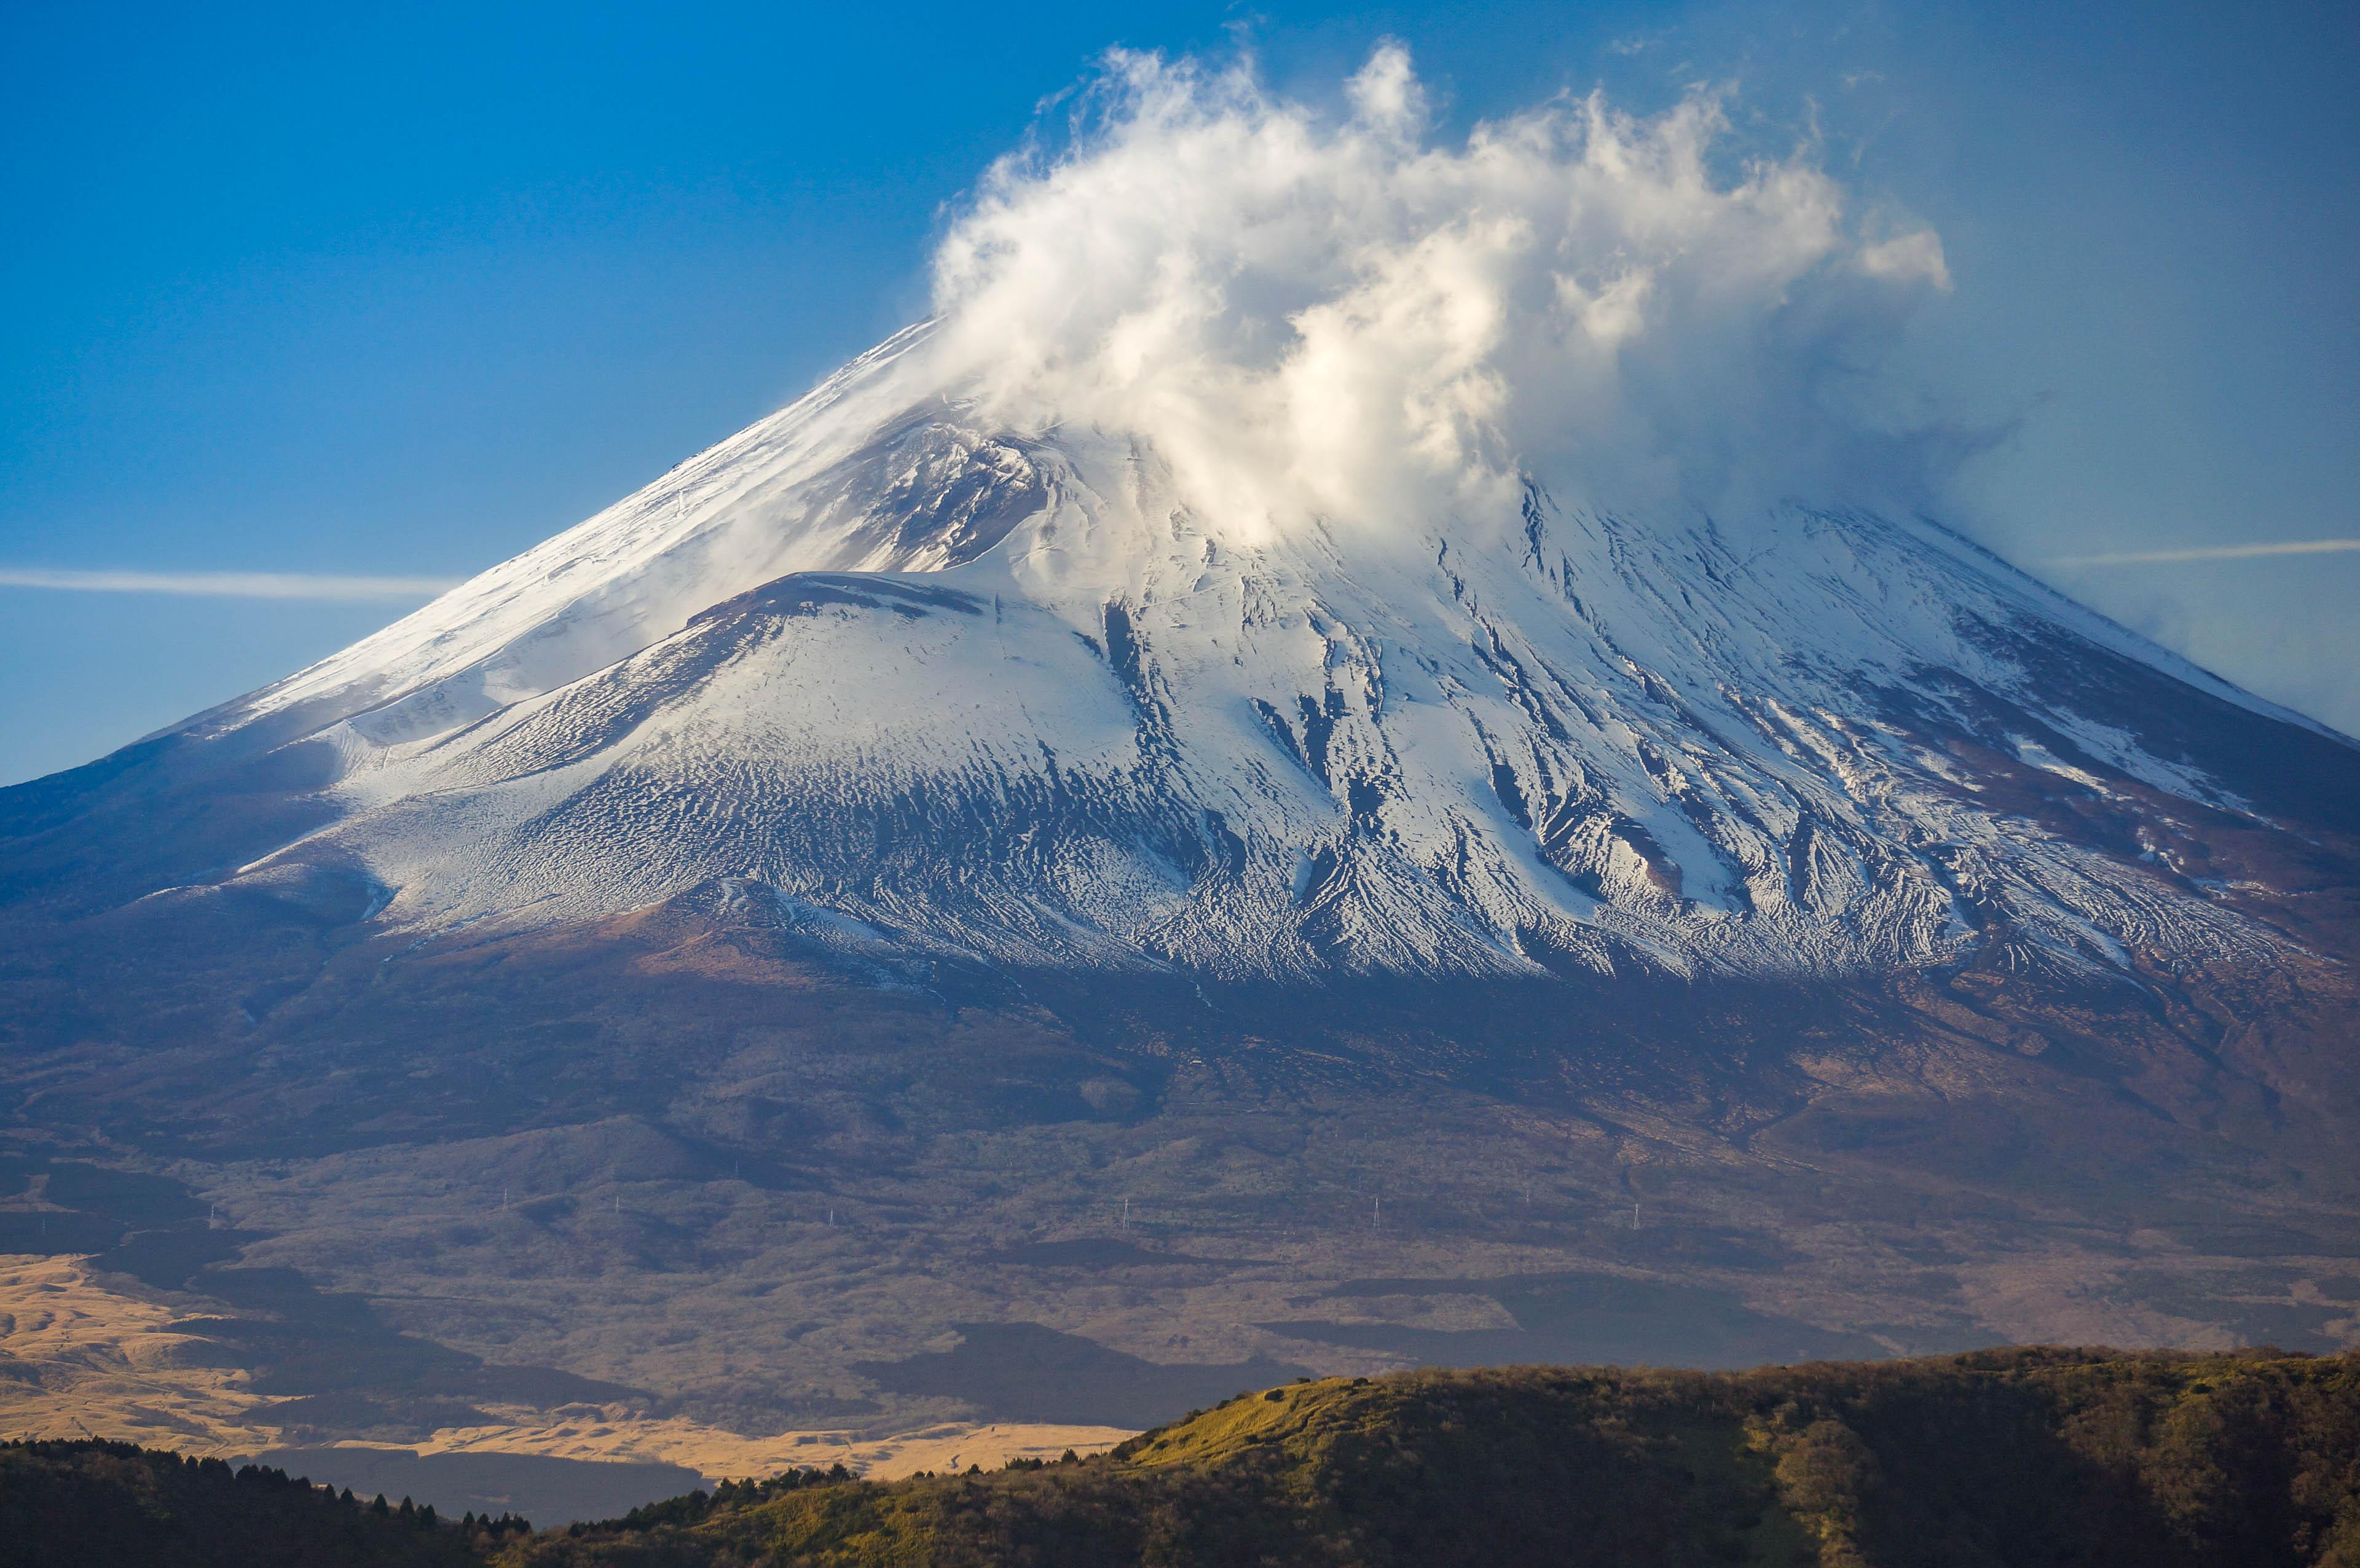 Pirmais latvietis, kas uzkāpis Fudzi vulkānā